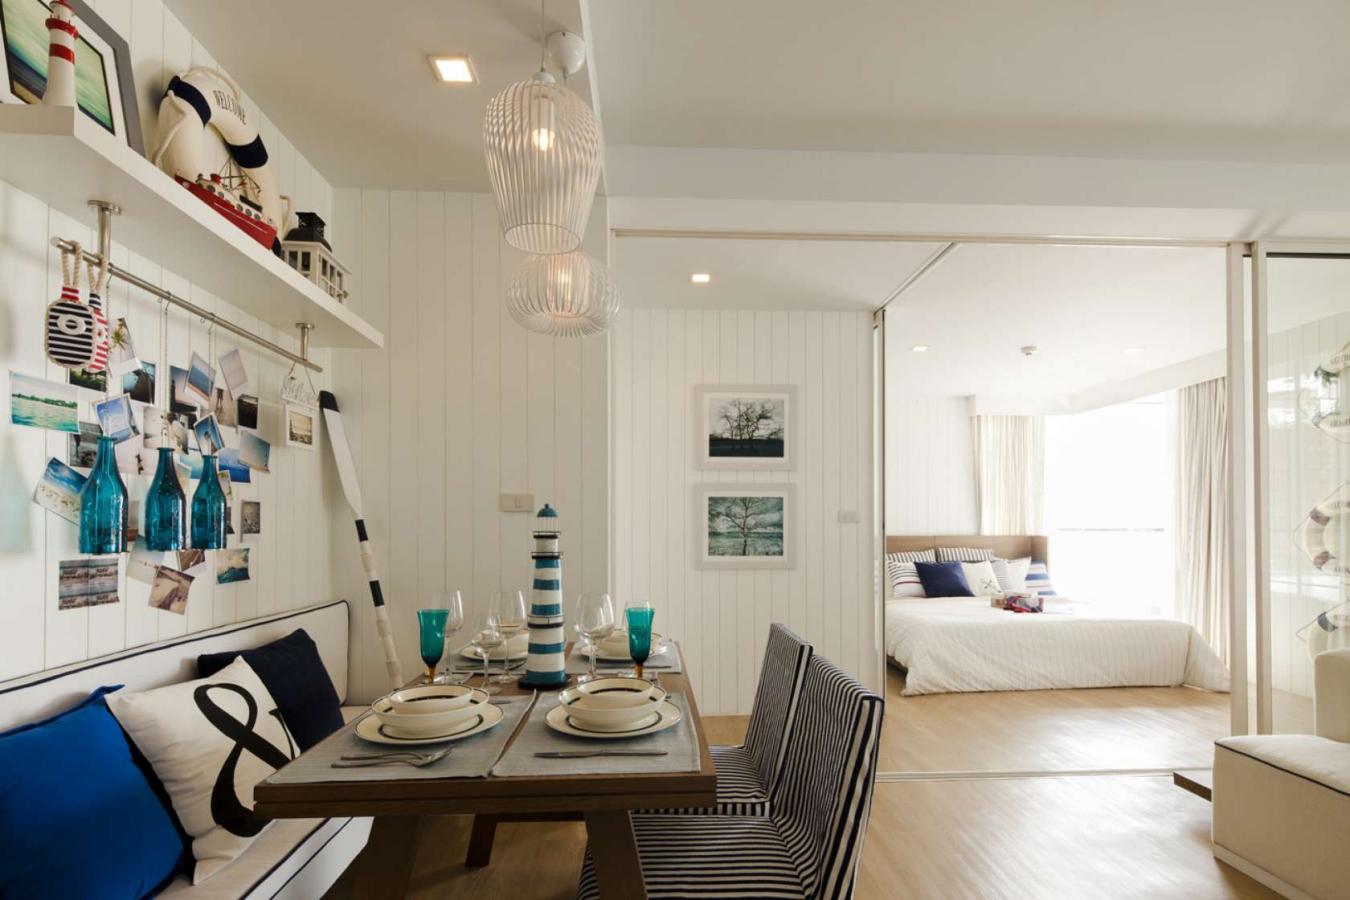 Квартира в ненавязчивом морском стиле